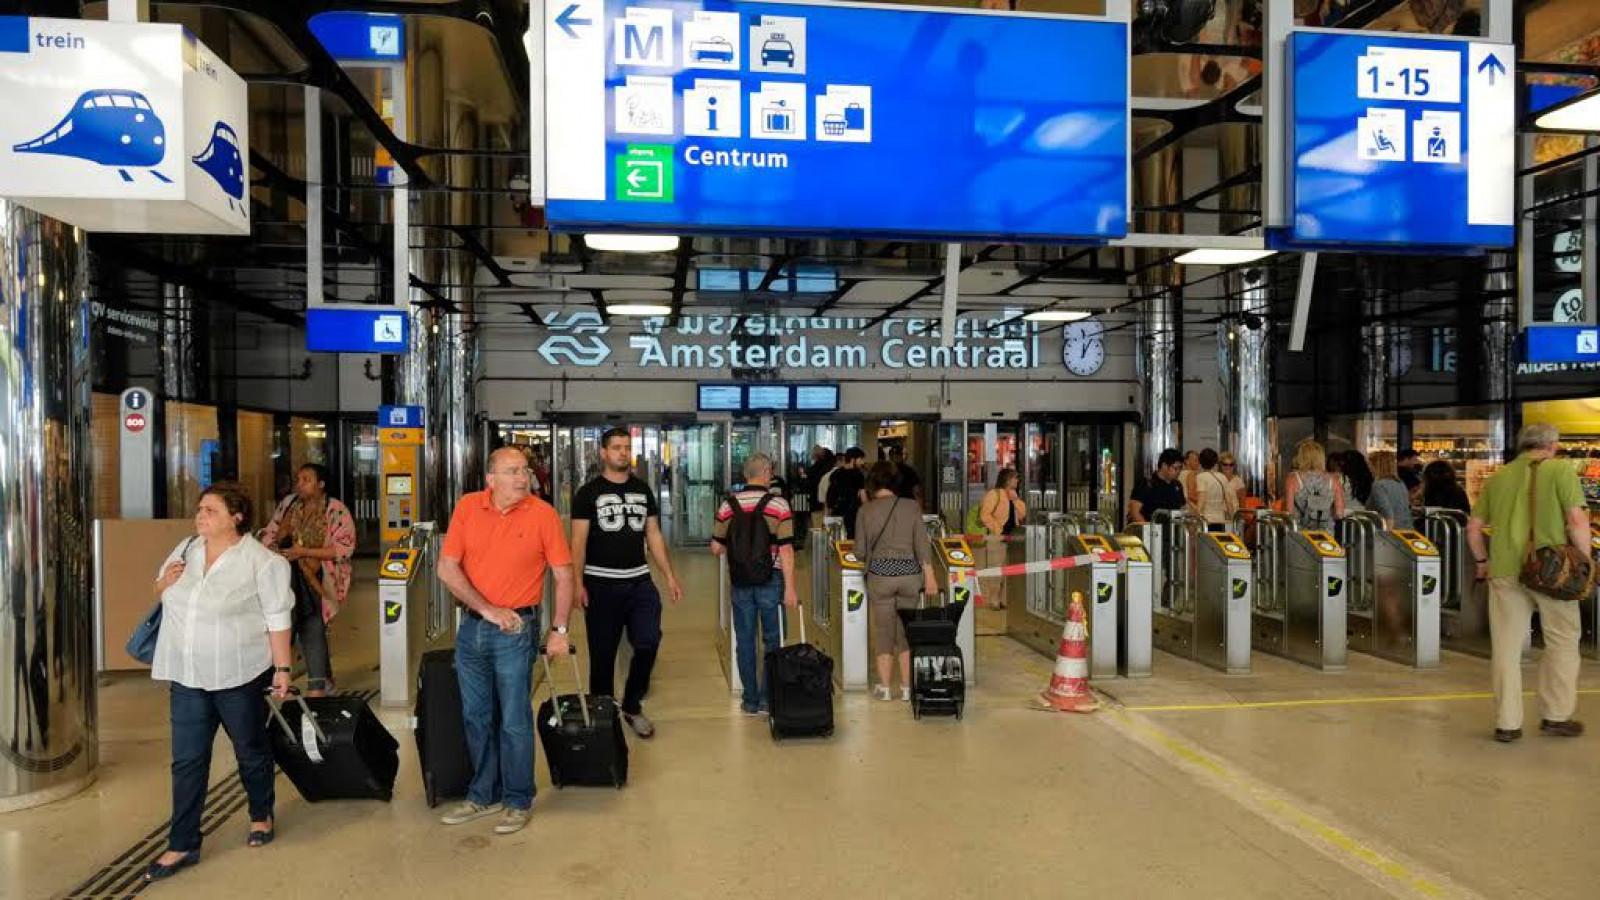 Efteling Muziek Tegen Hangjongeren Op Centraal Station At5